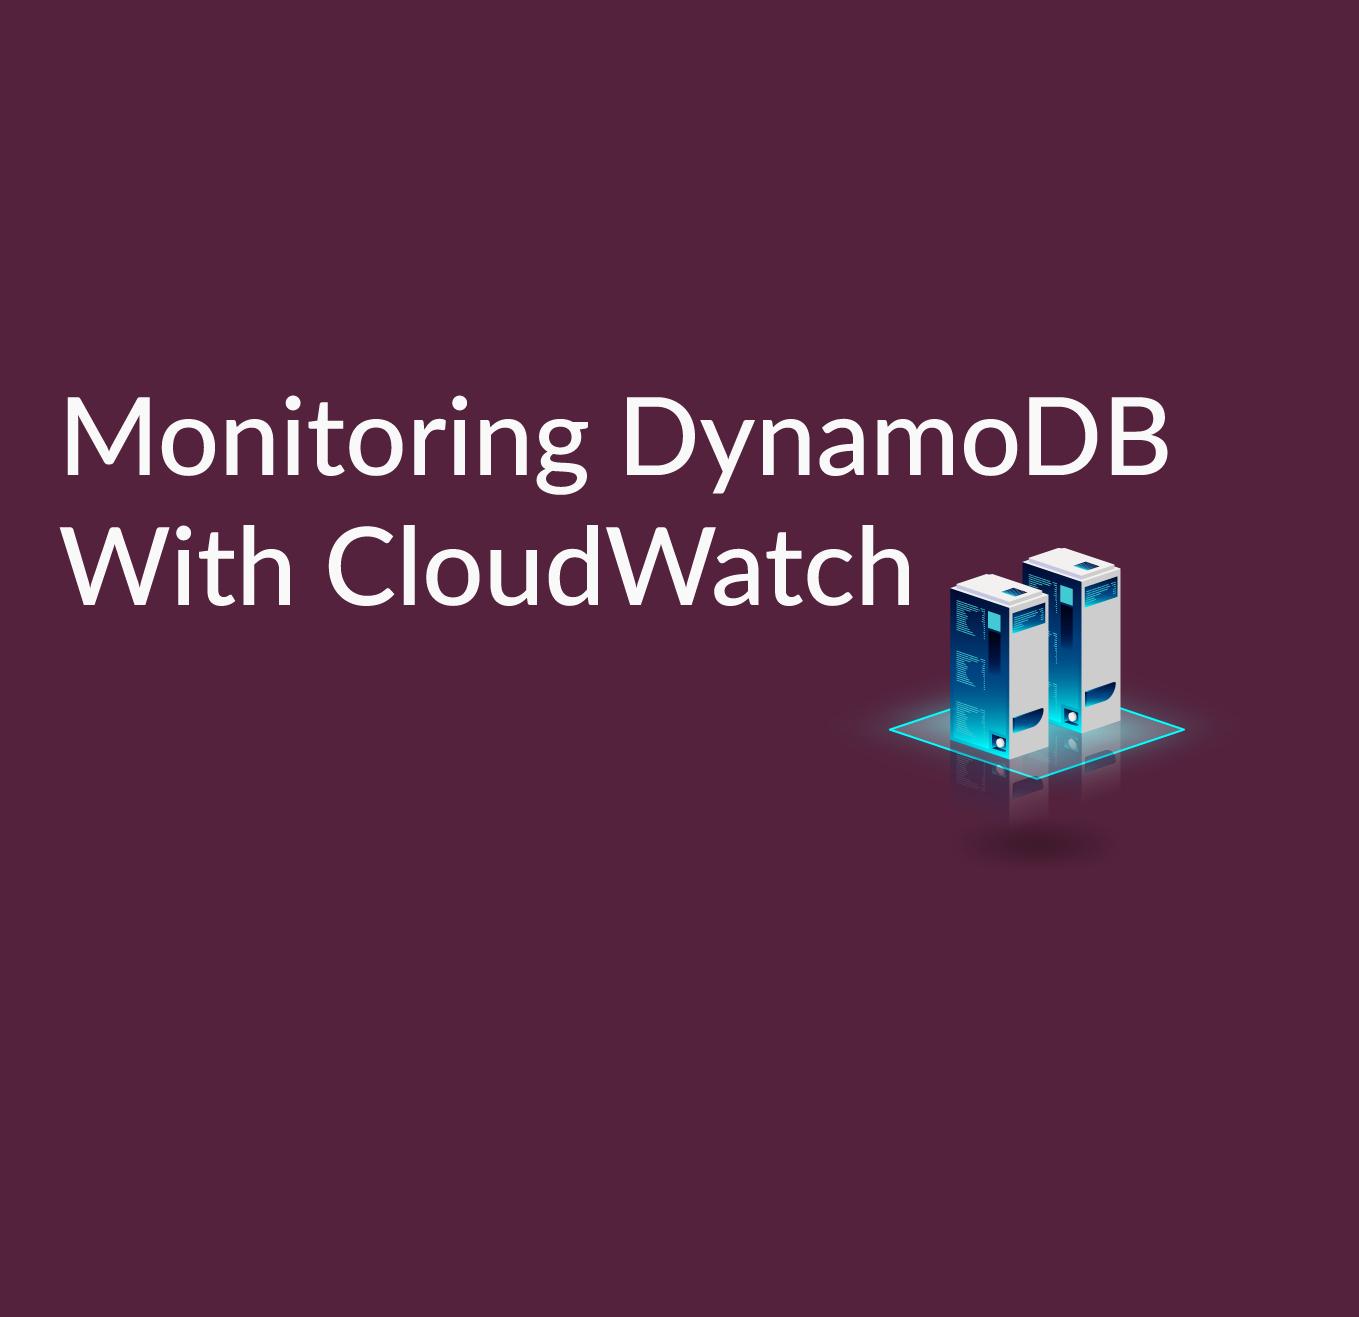 Cloudwatch Monitoring and DynamoDb